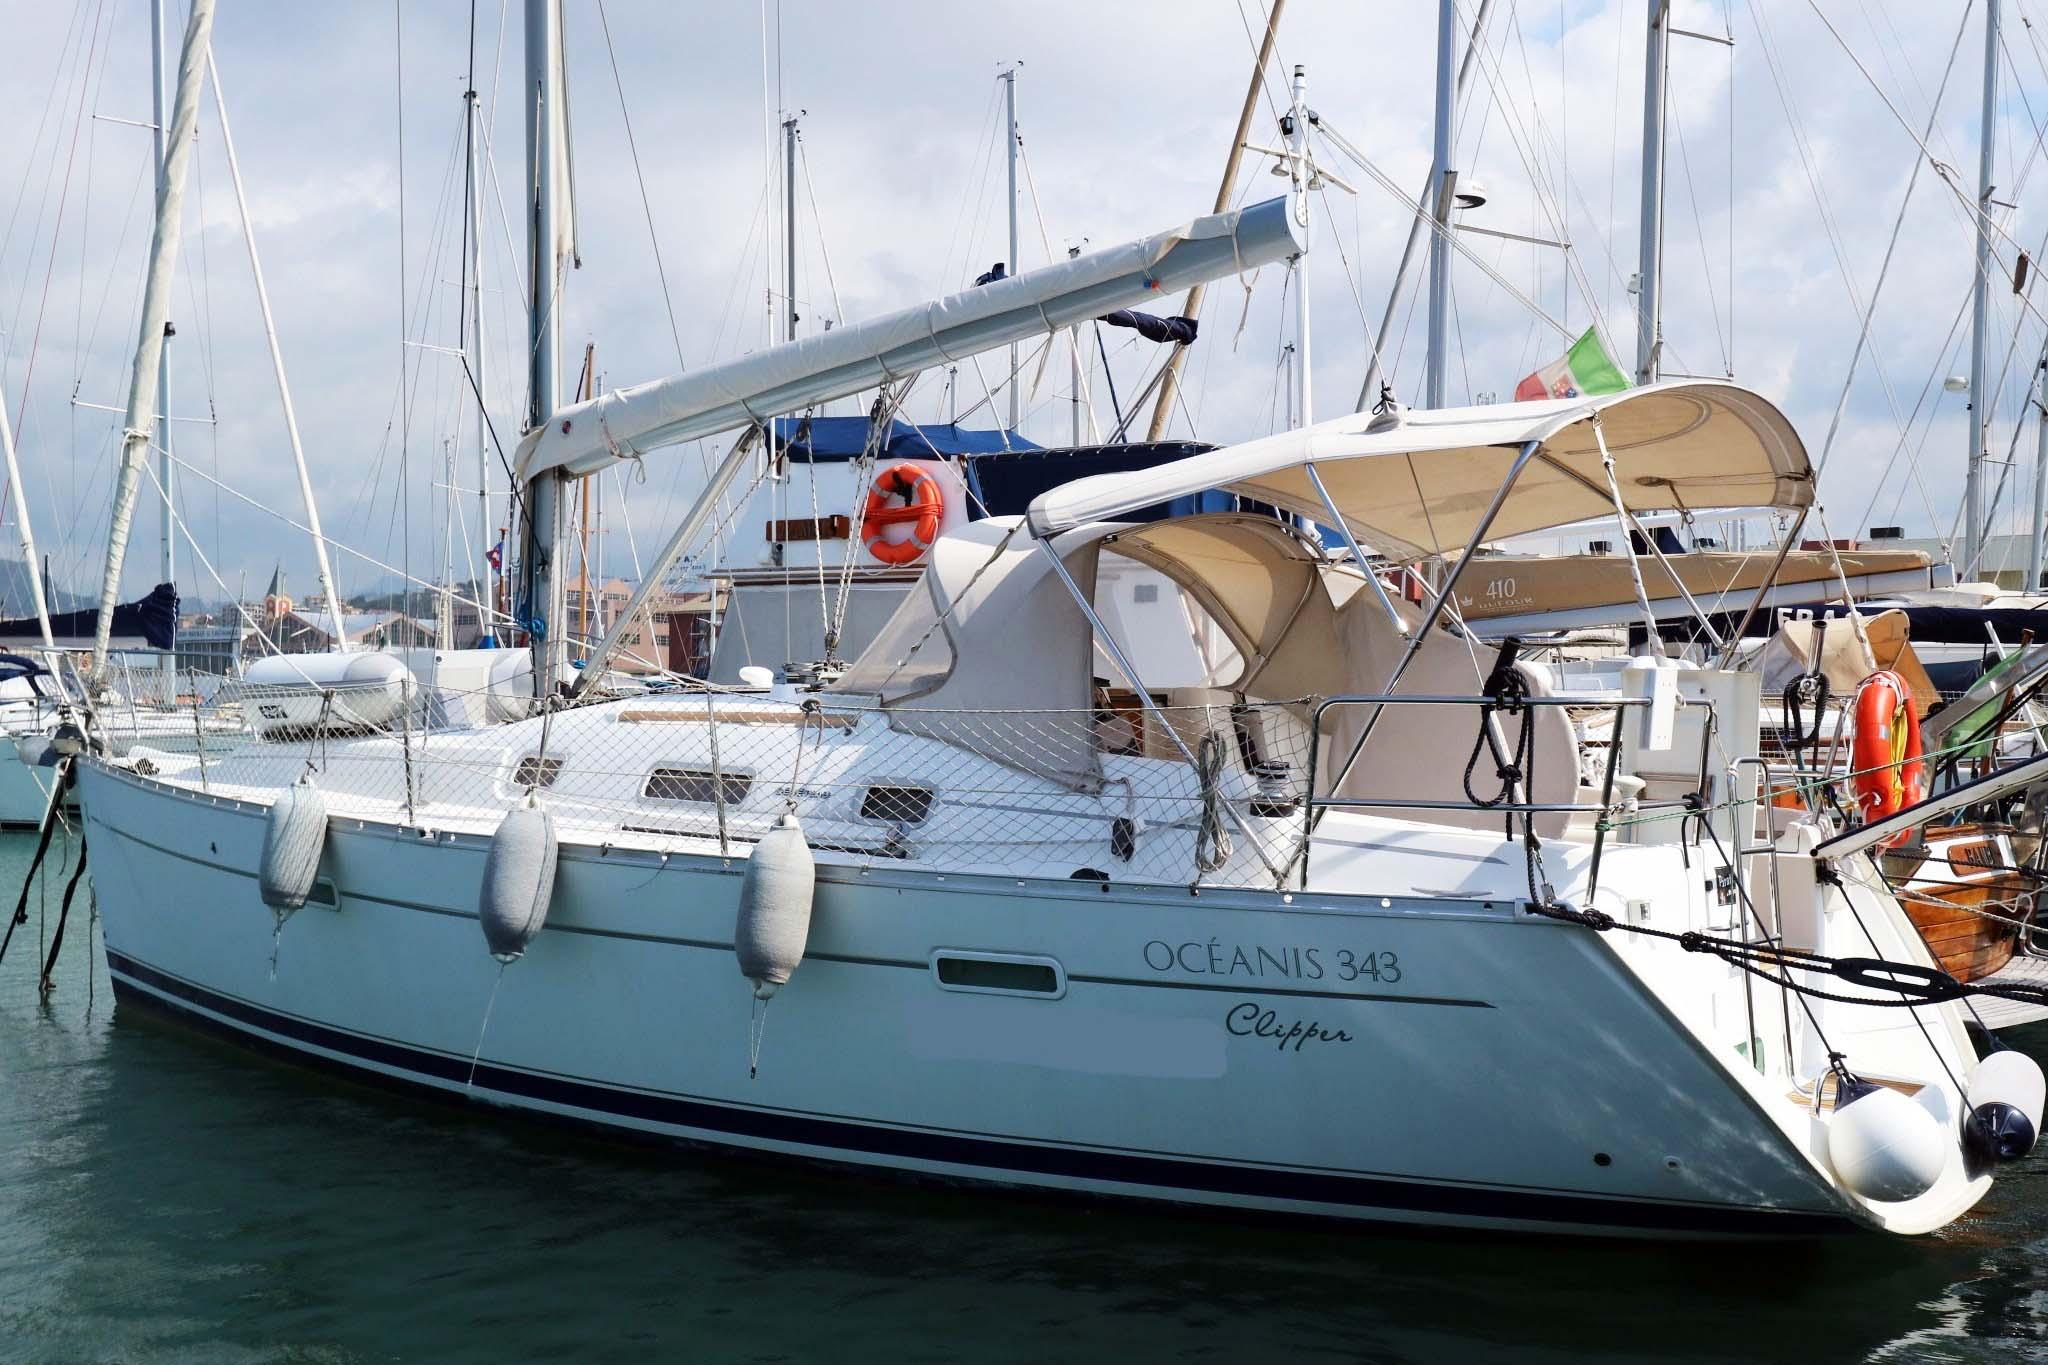 Barco privado hasta 8 personas | BarcoSitges